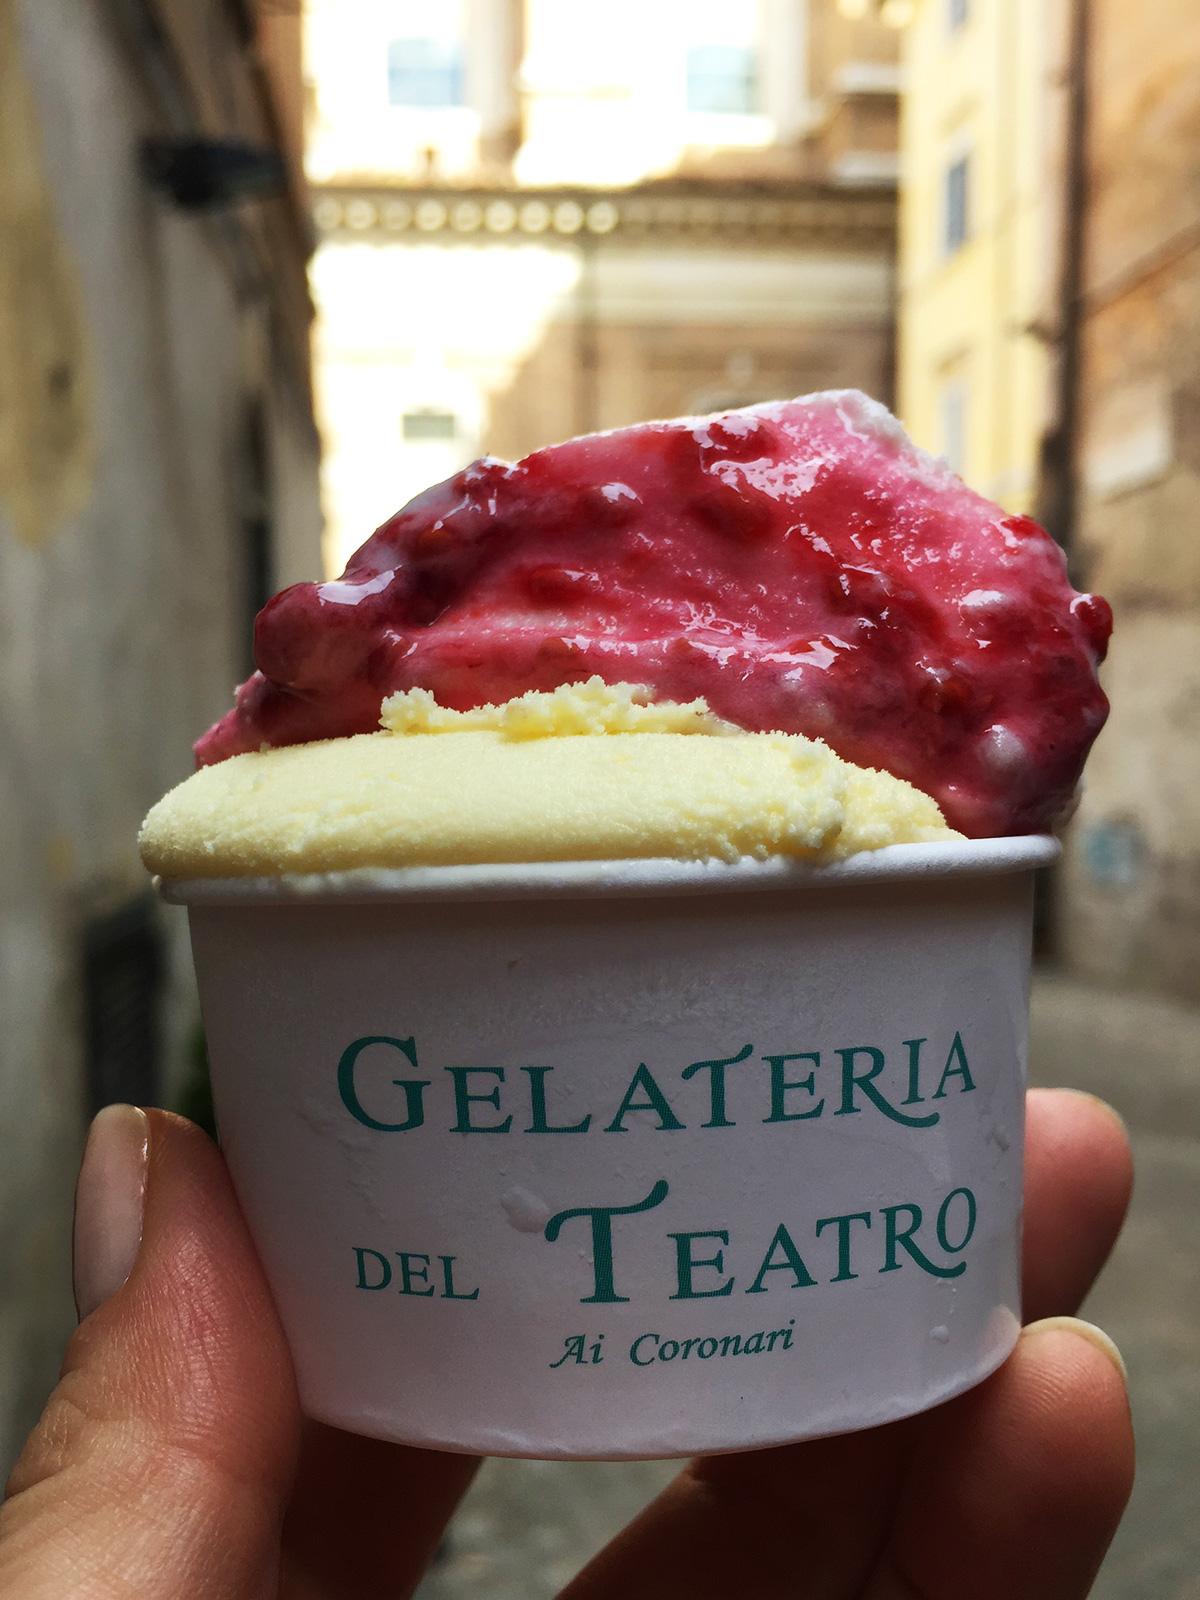 Rooma gelato